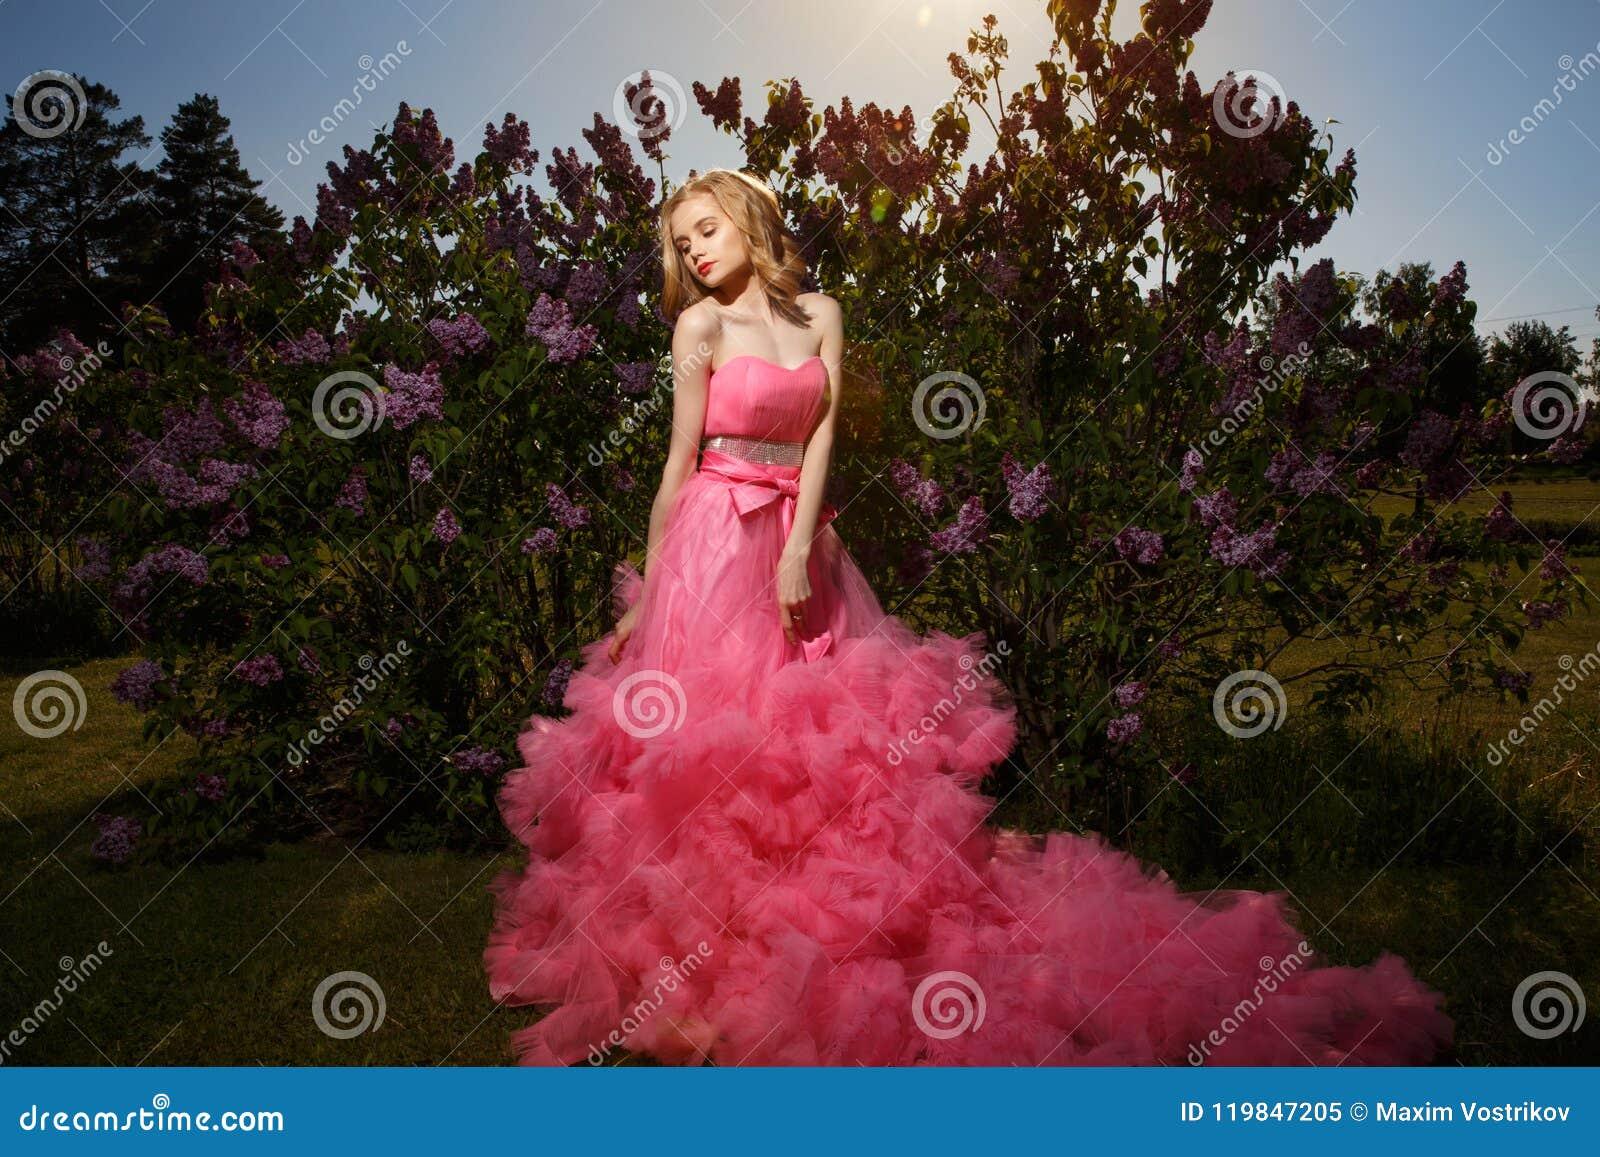 有白肤金发的波浪发的美丽,壮观的穿与蓬松裙子的女孩和构成桃红色晚礼服摆在得户外